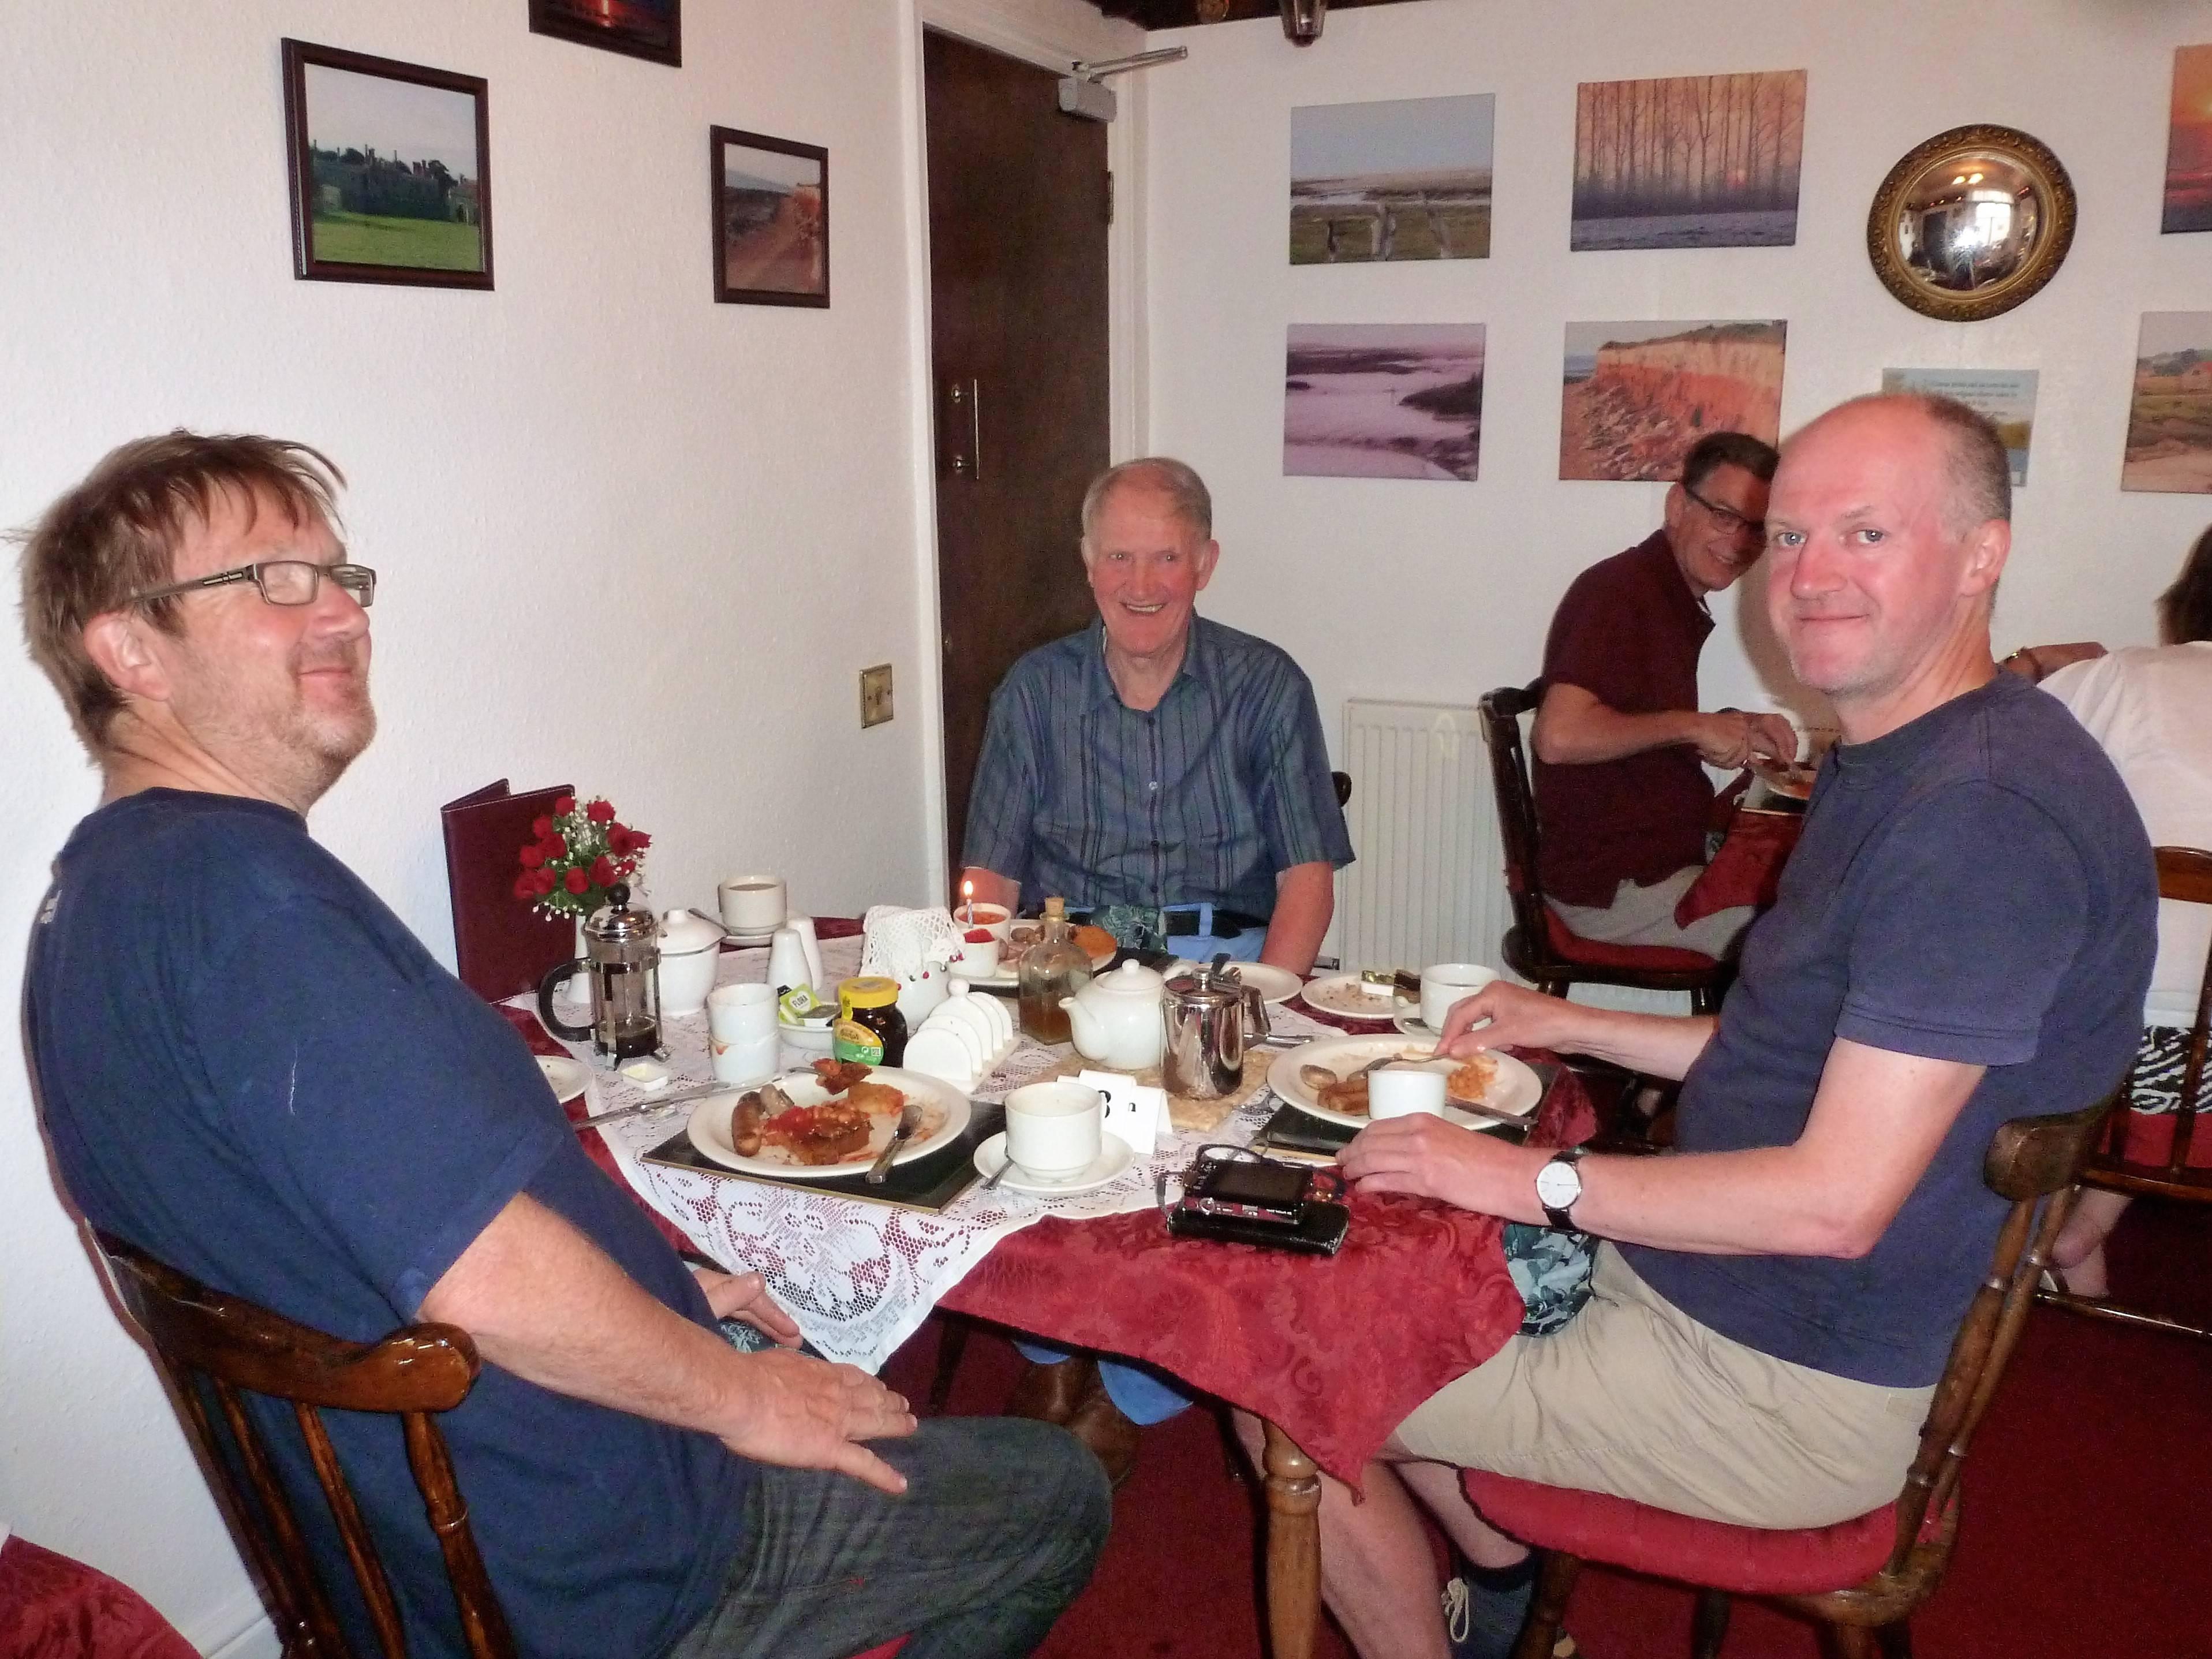 David, Bill & Frank